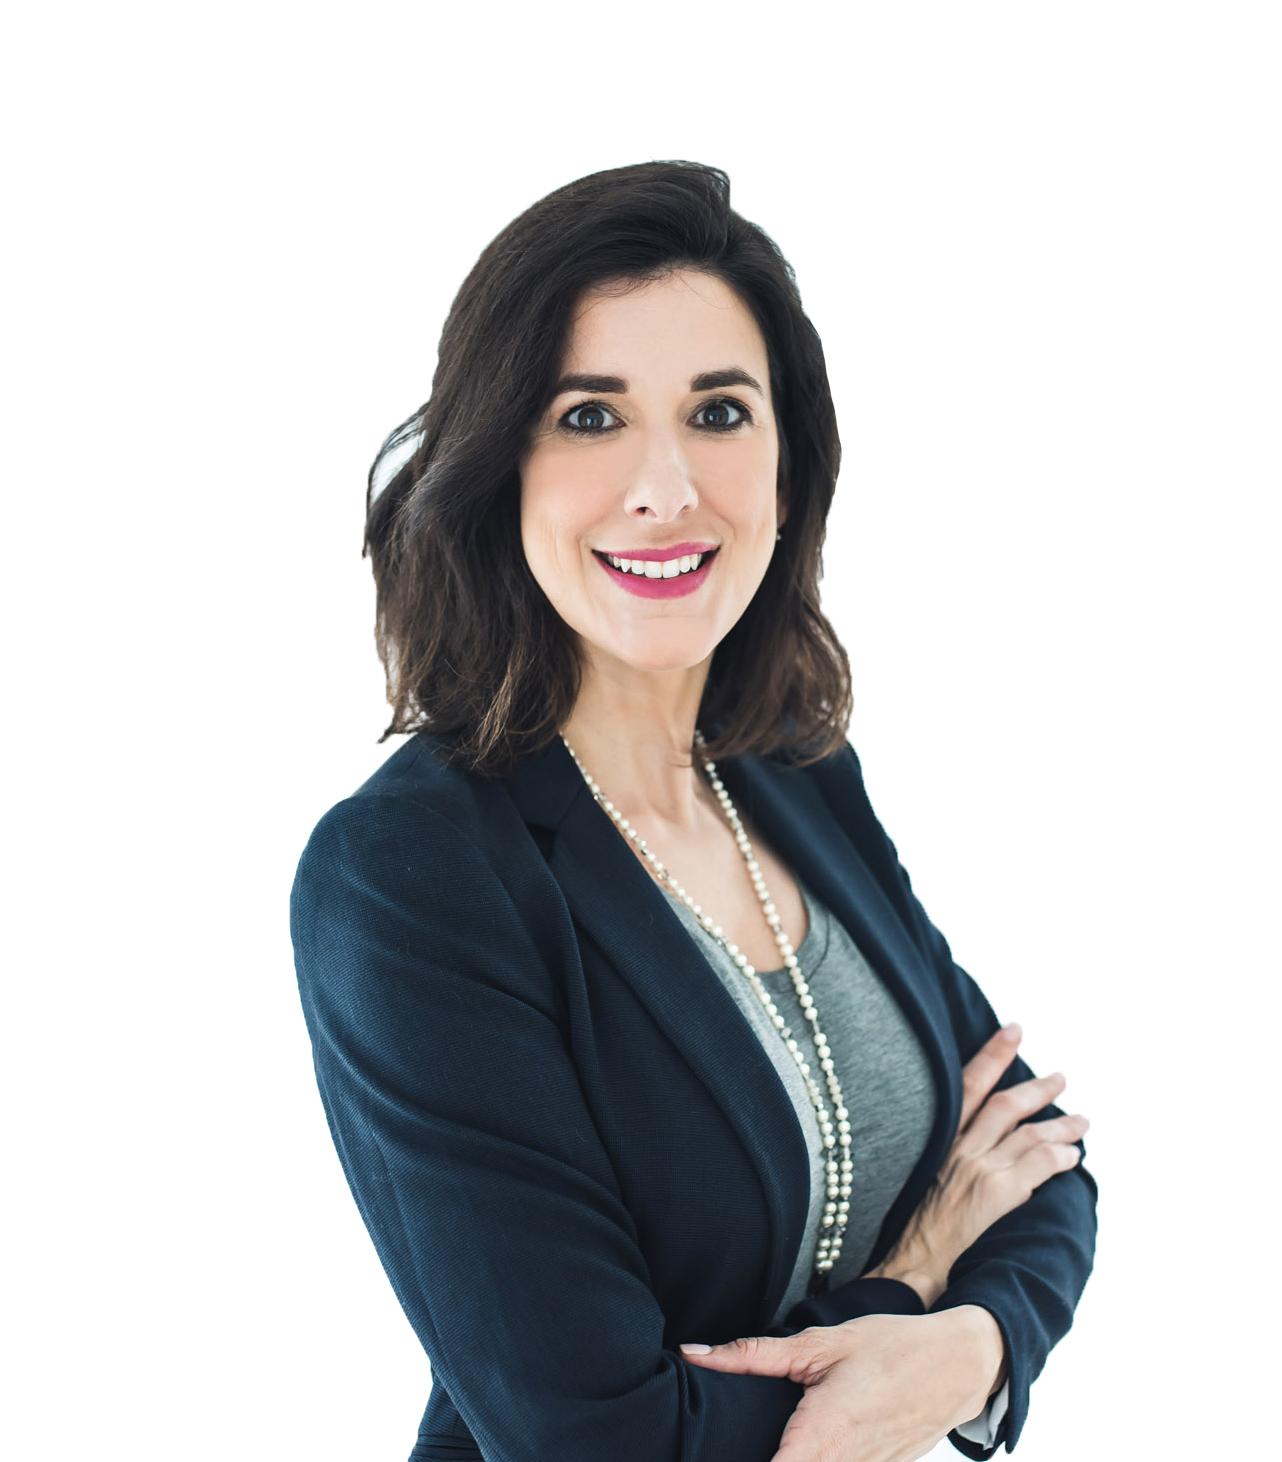 Kate Asay